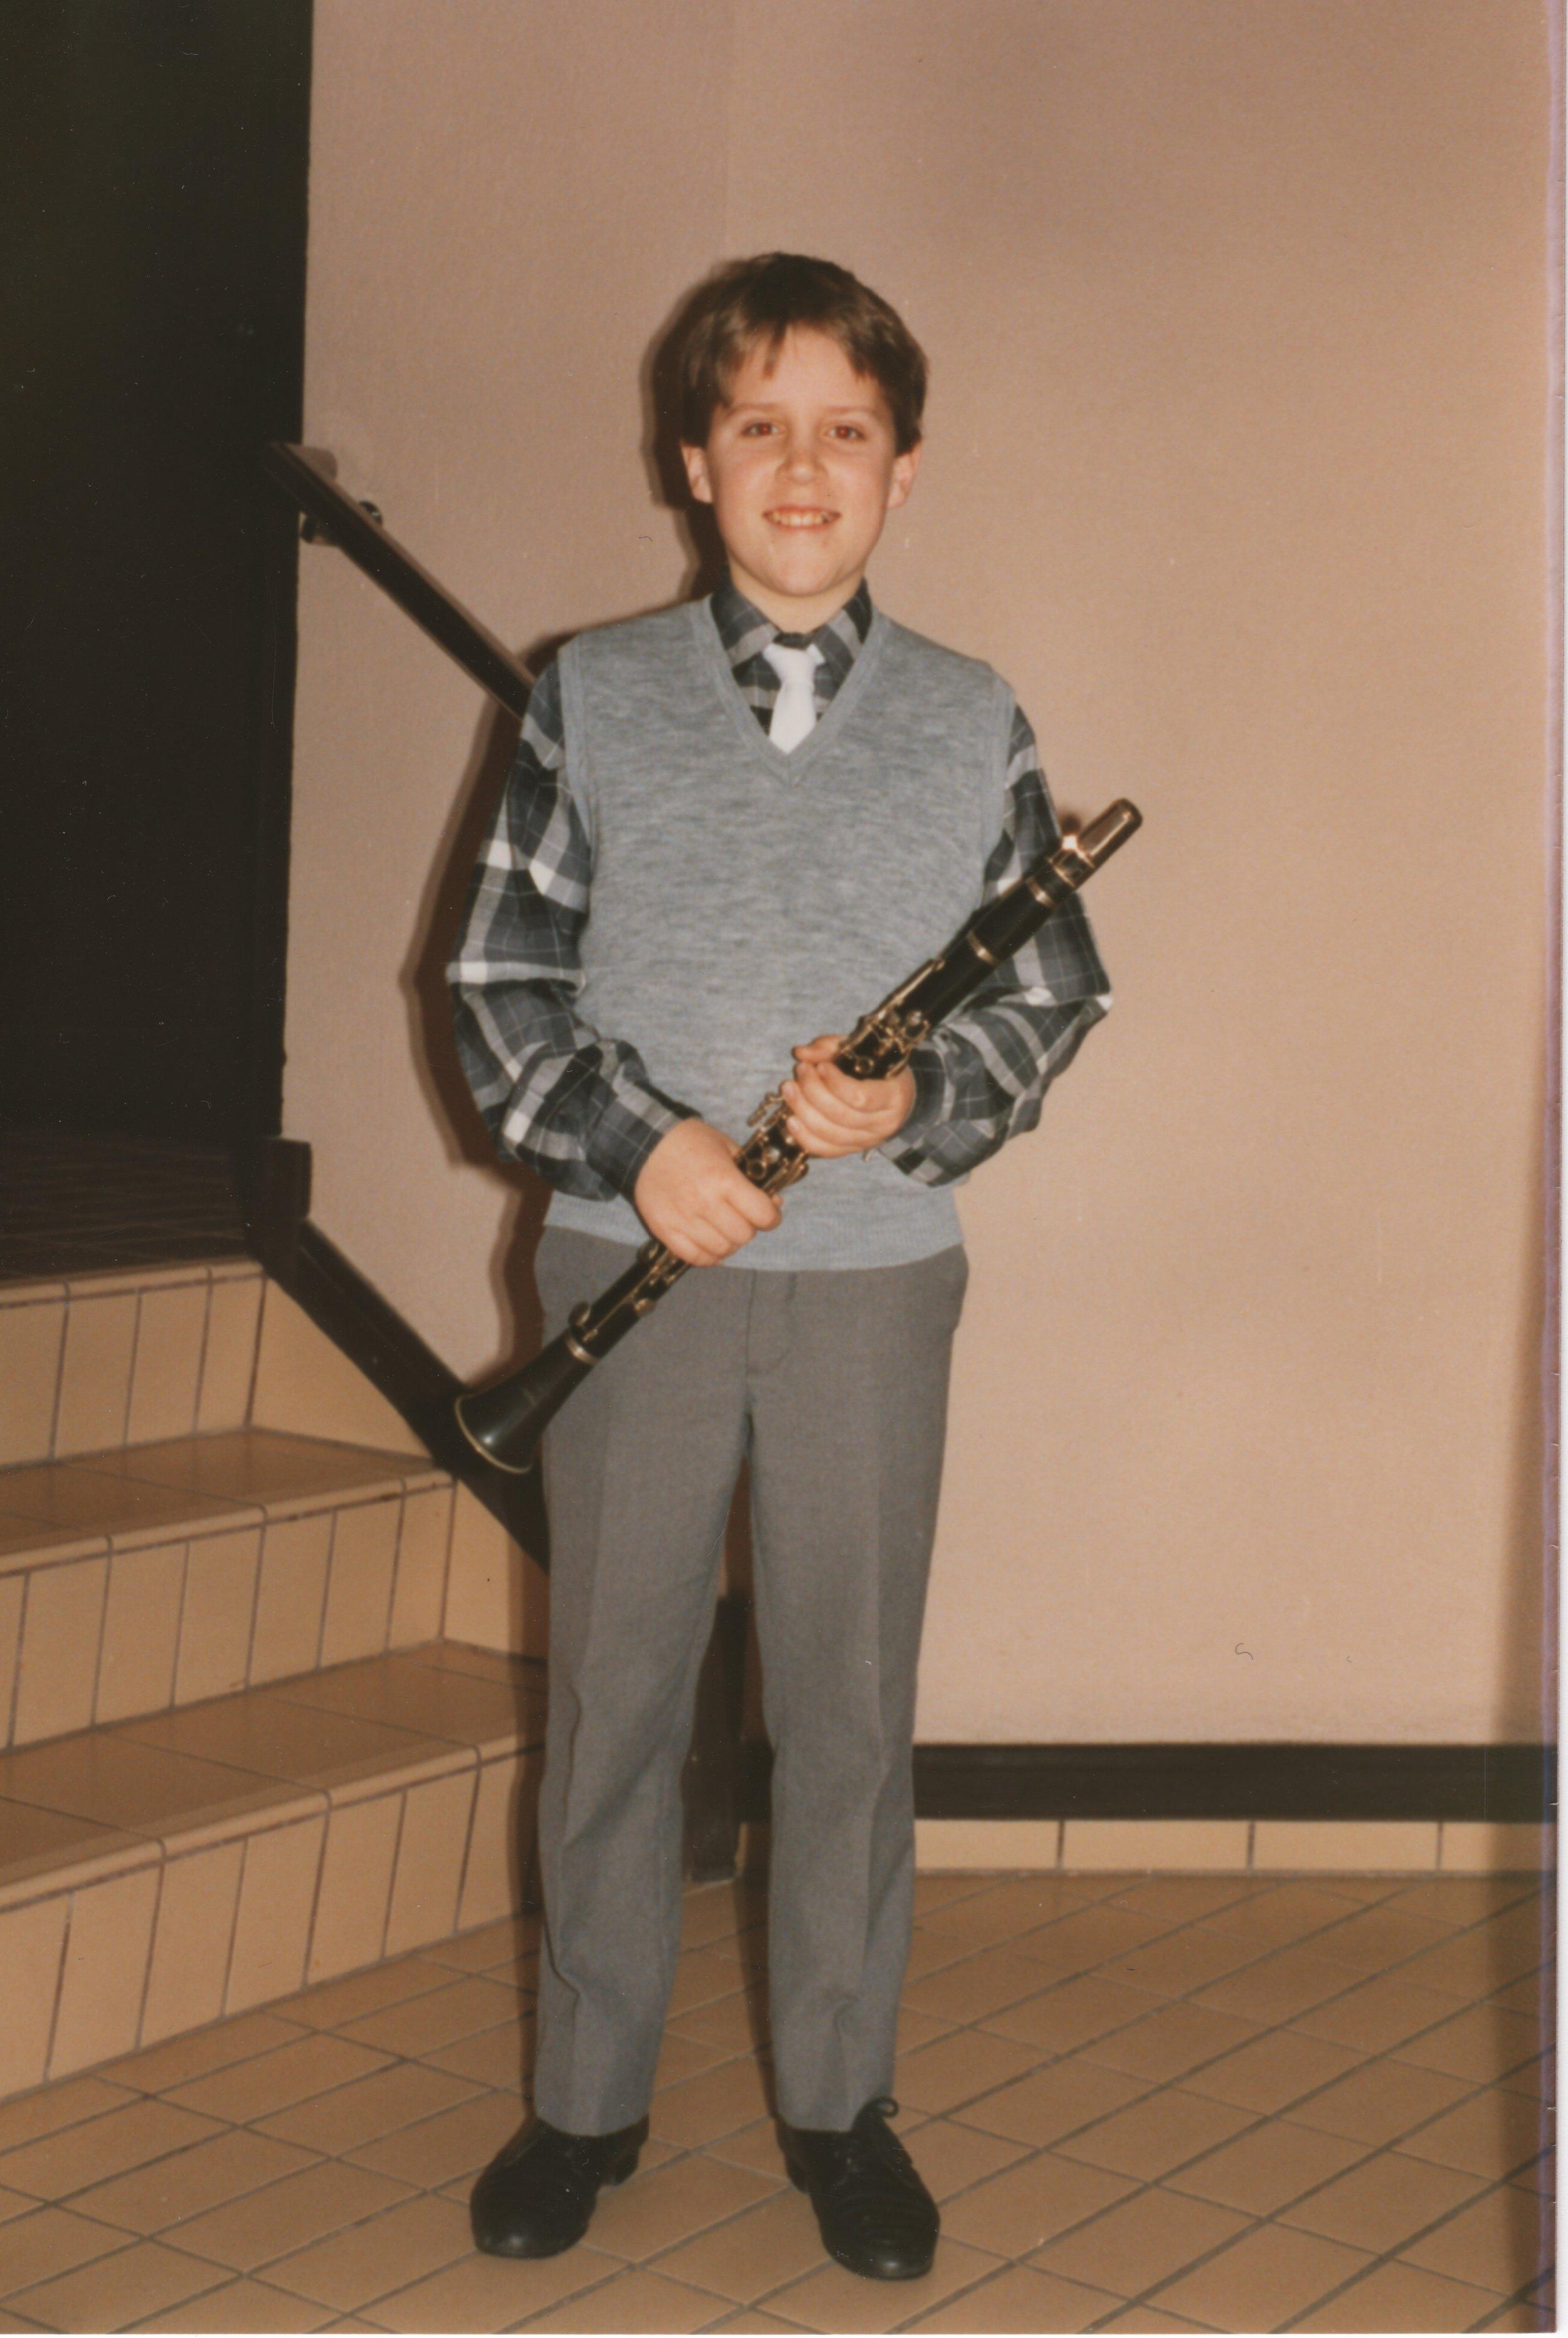 Little Clarinet Boy